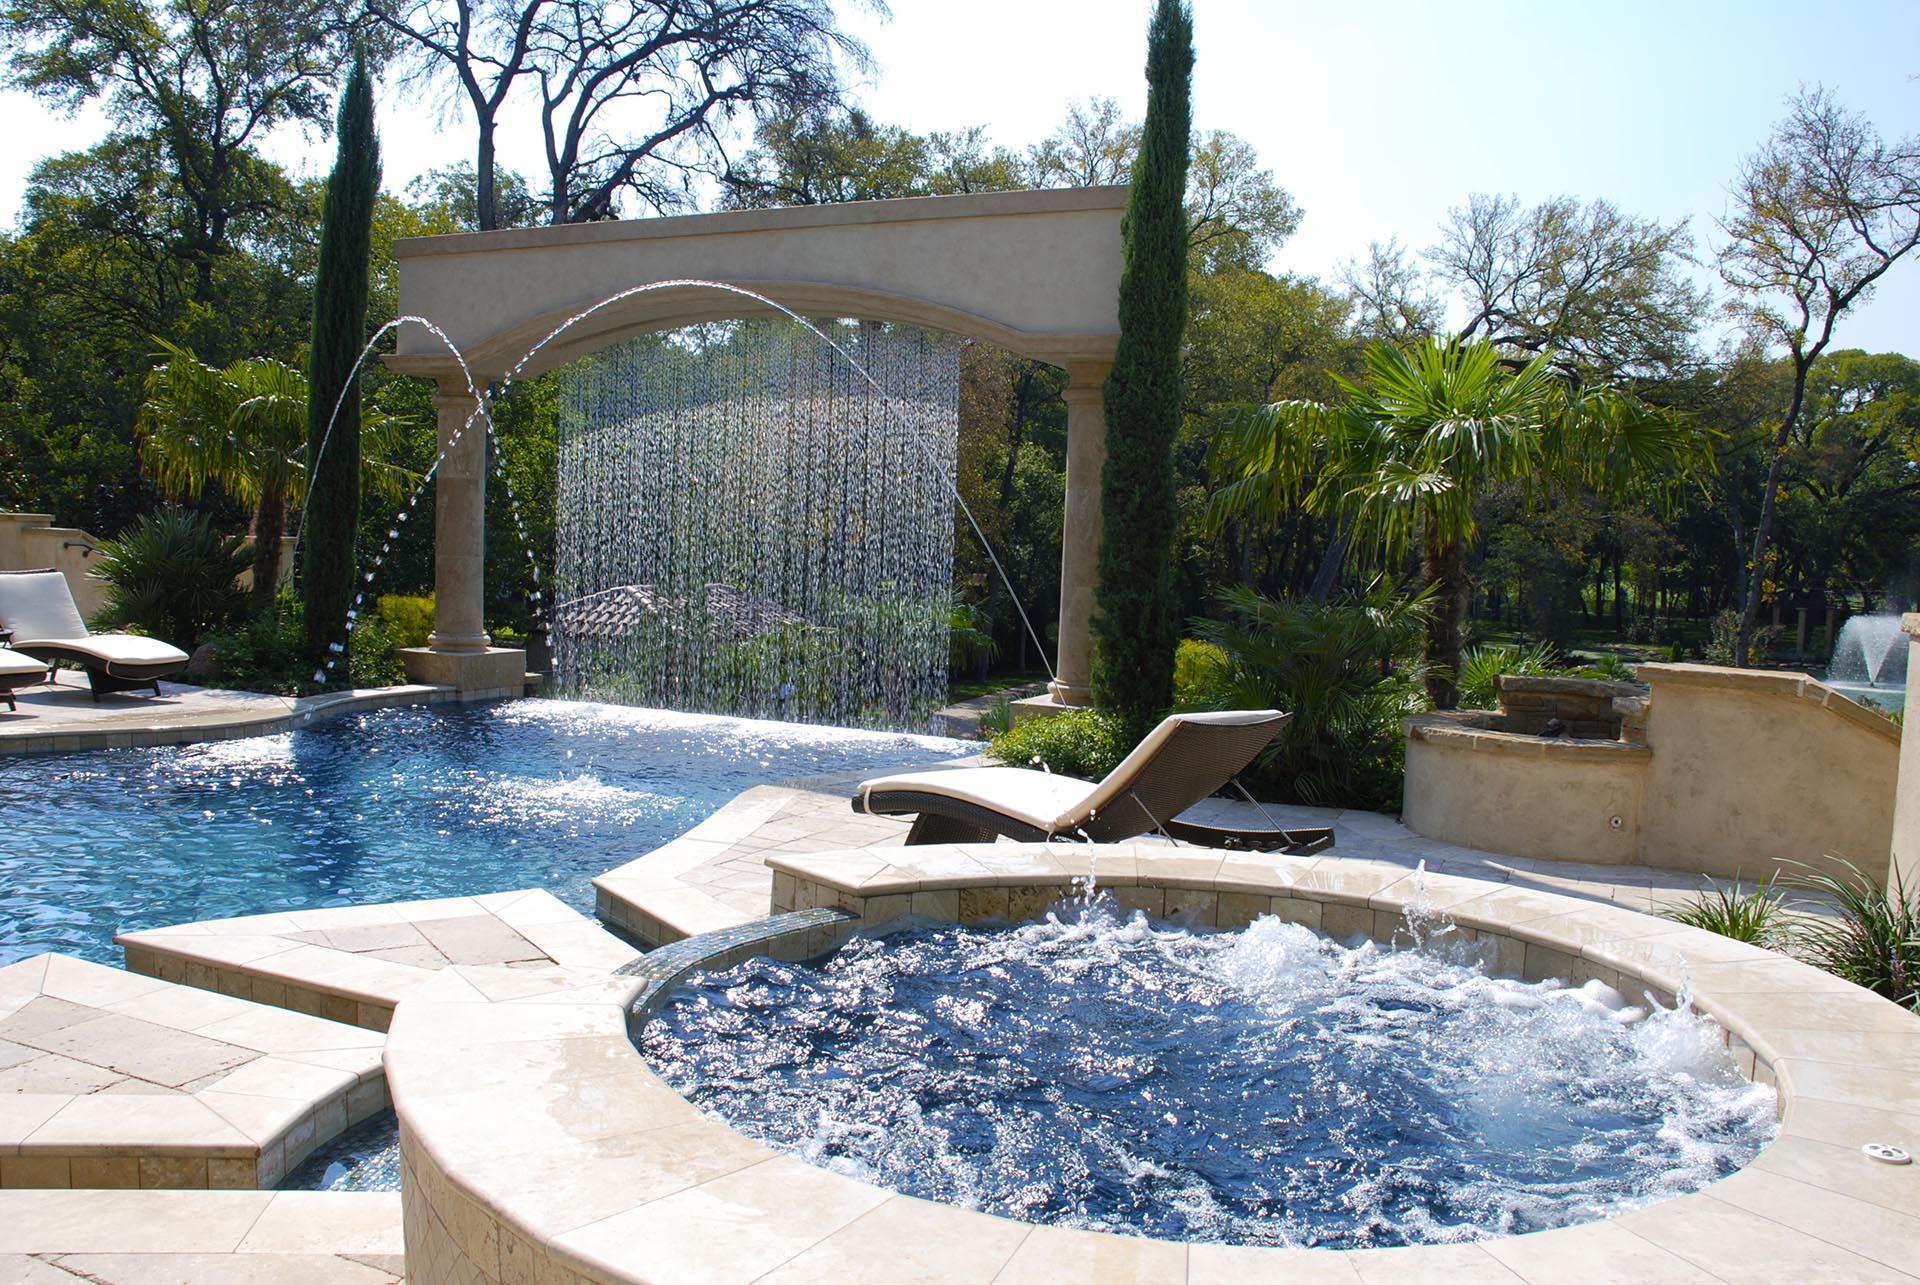 Dallas Landscape Architect Design Build Original Landscape Concepts ~ 30013301_Garten Gestalten Mit Kleinem Pool